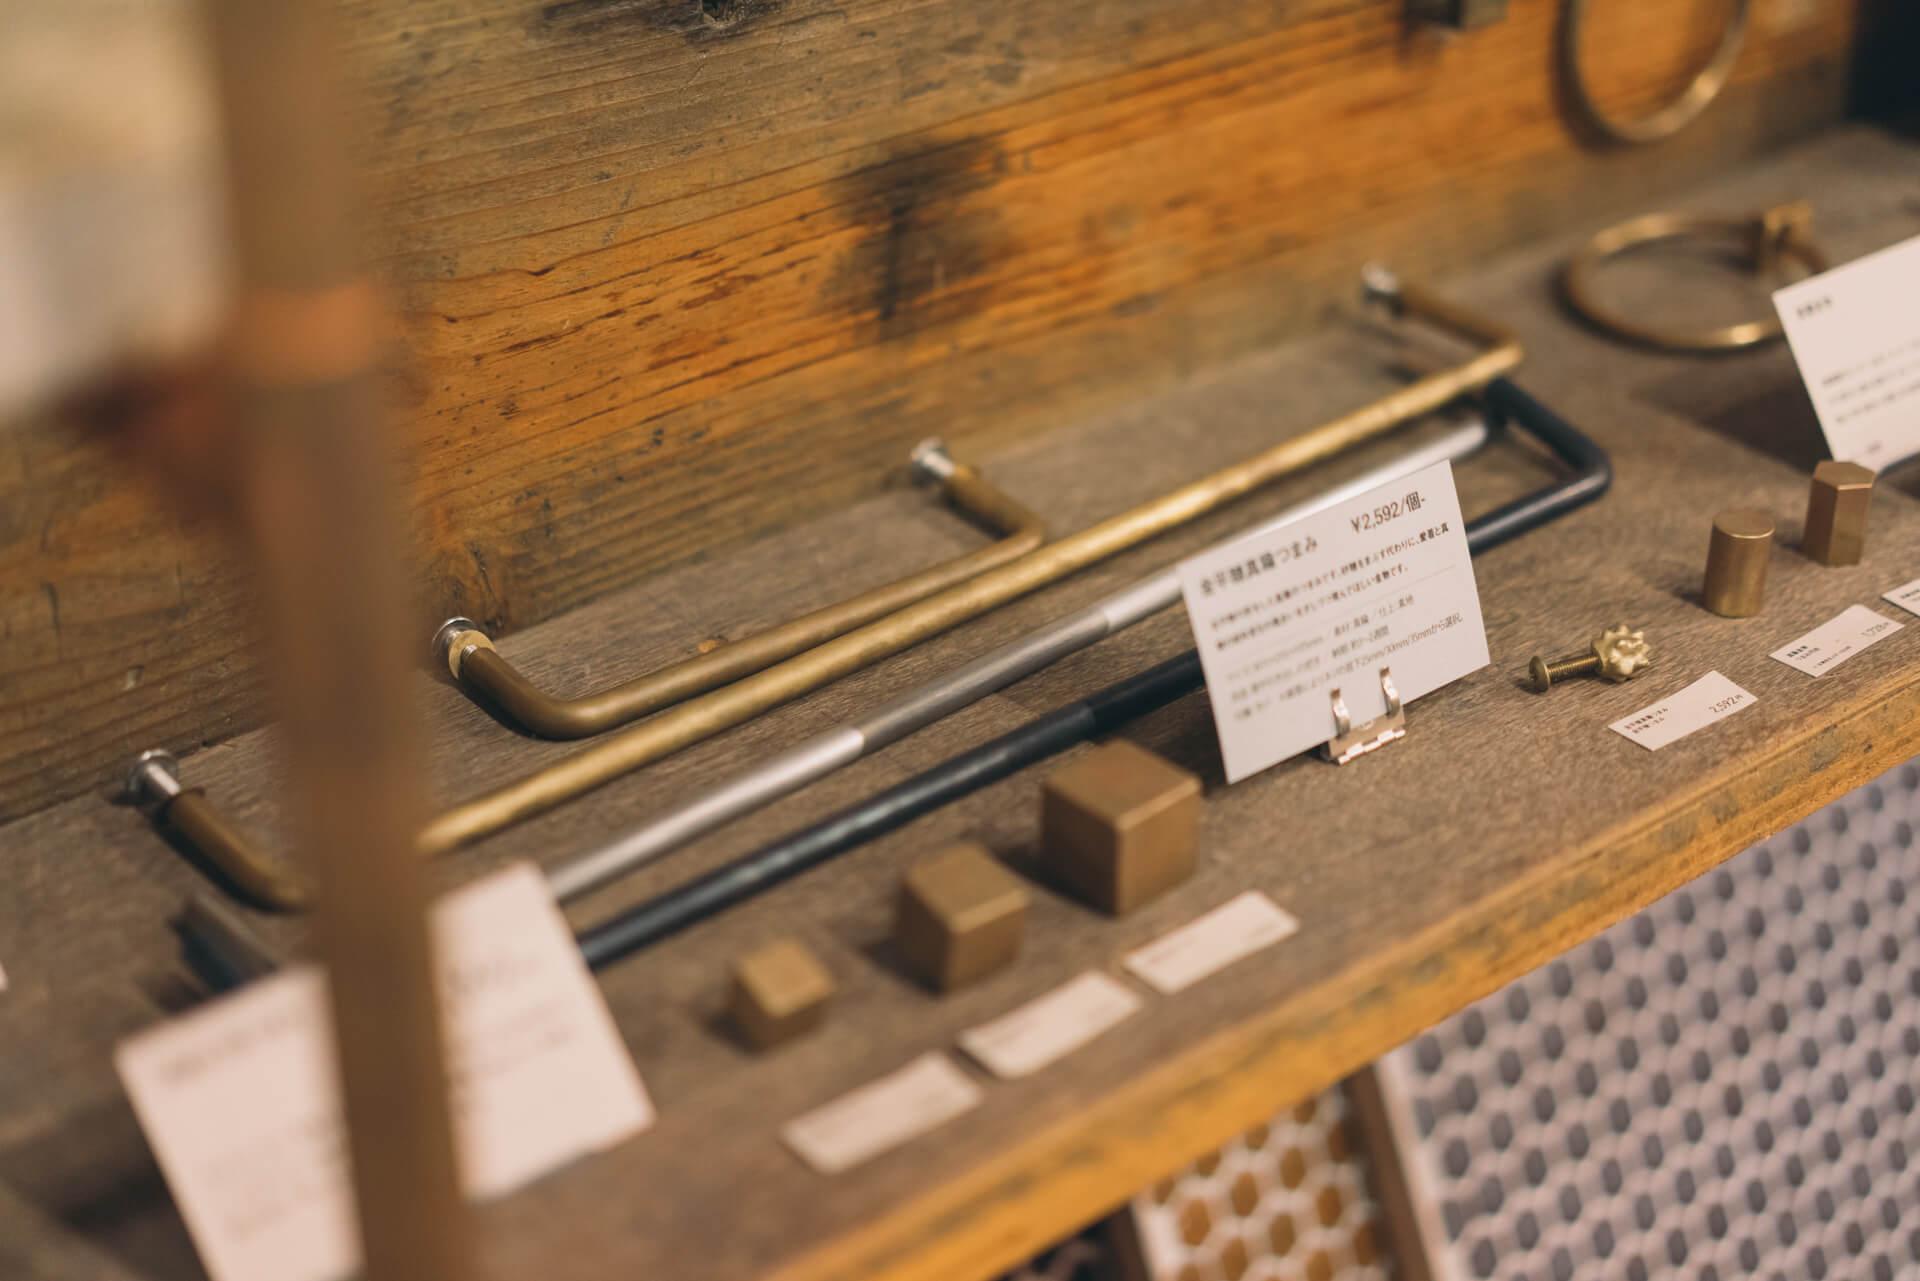 シンプルな鉄・ステンレス・真鍮の取っ手はサイズオーダーができるので、既存の取っ手にあわせてつくり、つけかえるだけ。